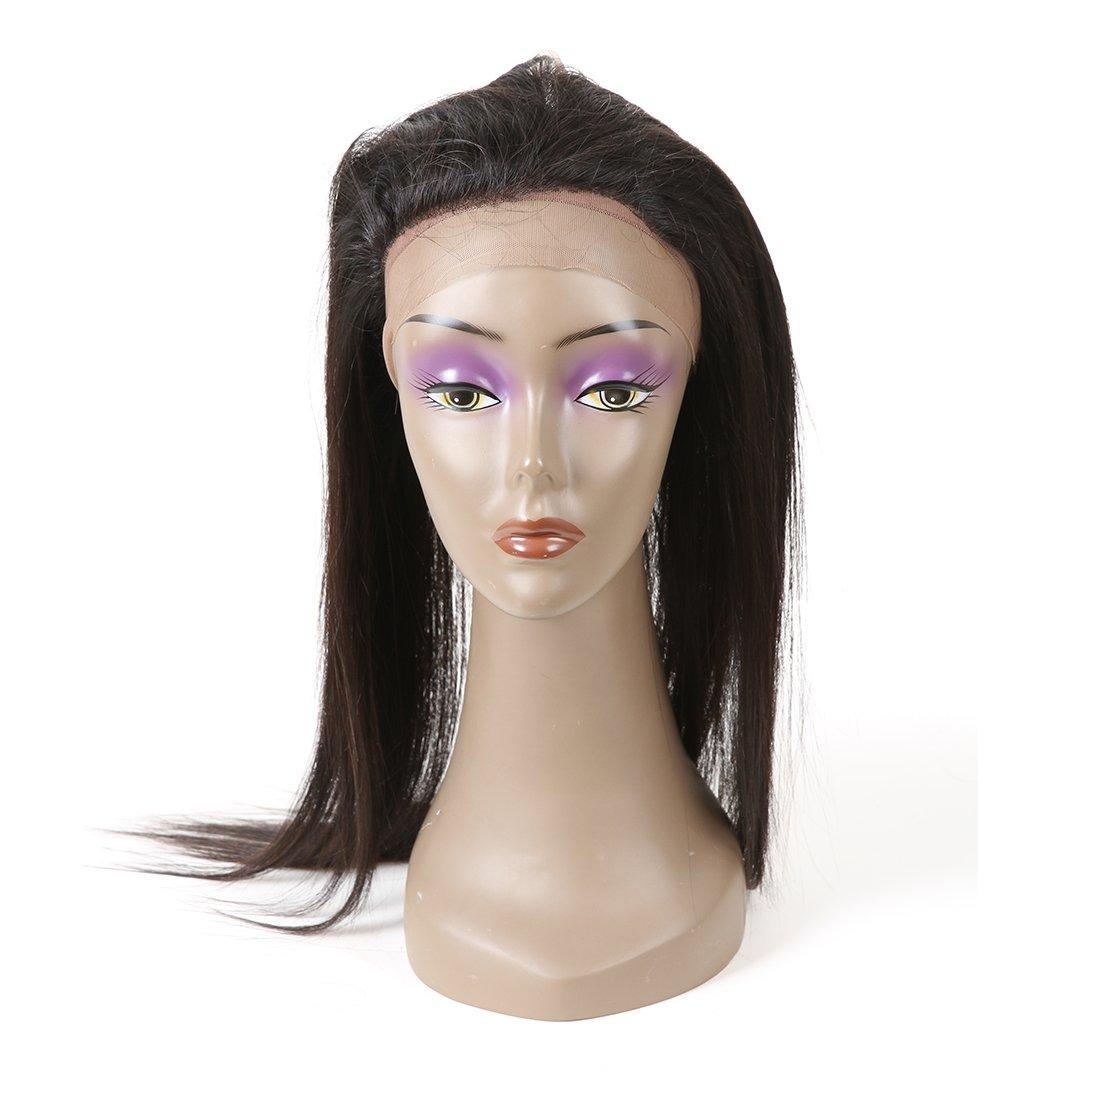 Cheveux brésiliens de la Vierge Weave 360 Cheveux de la peau naturelle frontale Remy Fermeture des cheveux droits humains Naturel Noir Couleur (1 pièce, 12 pouces) feibinn